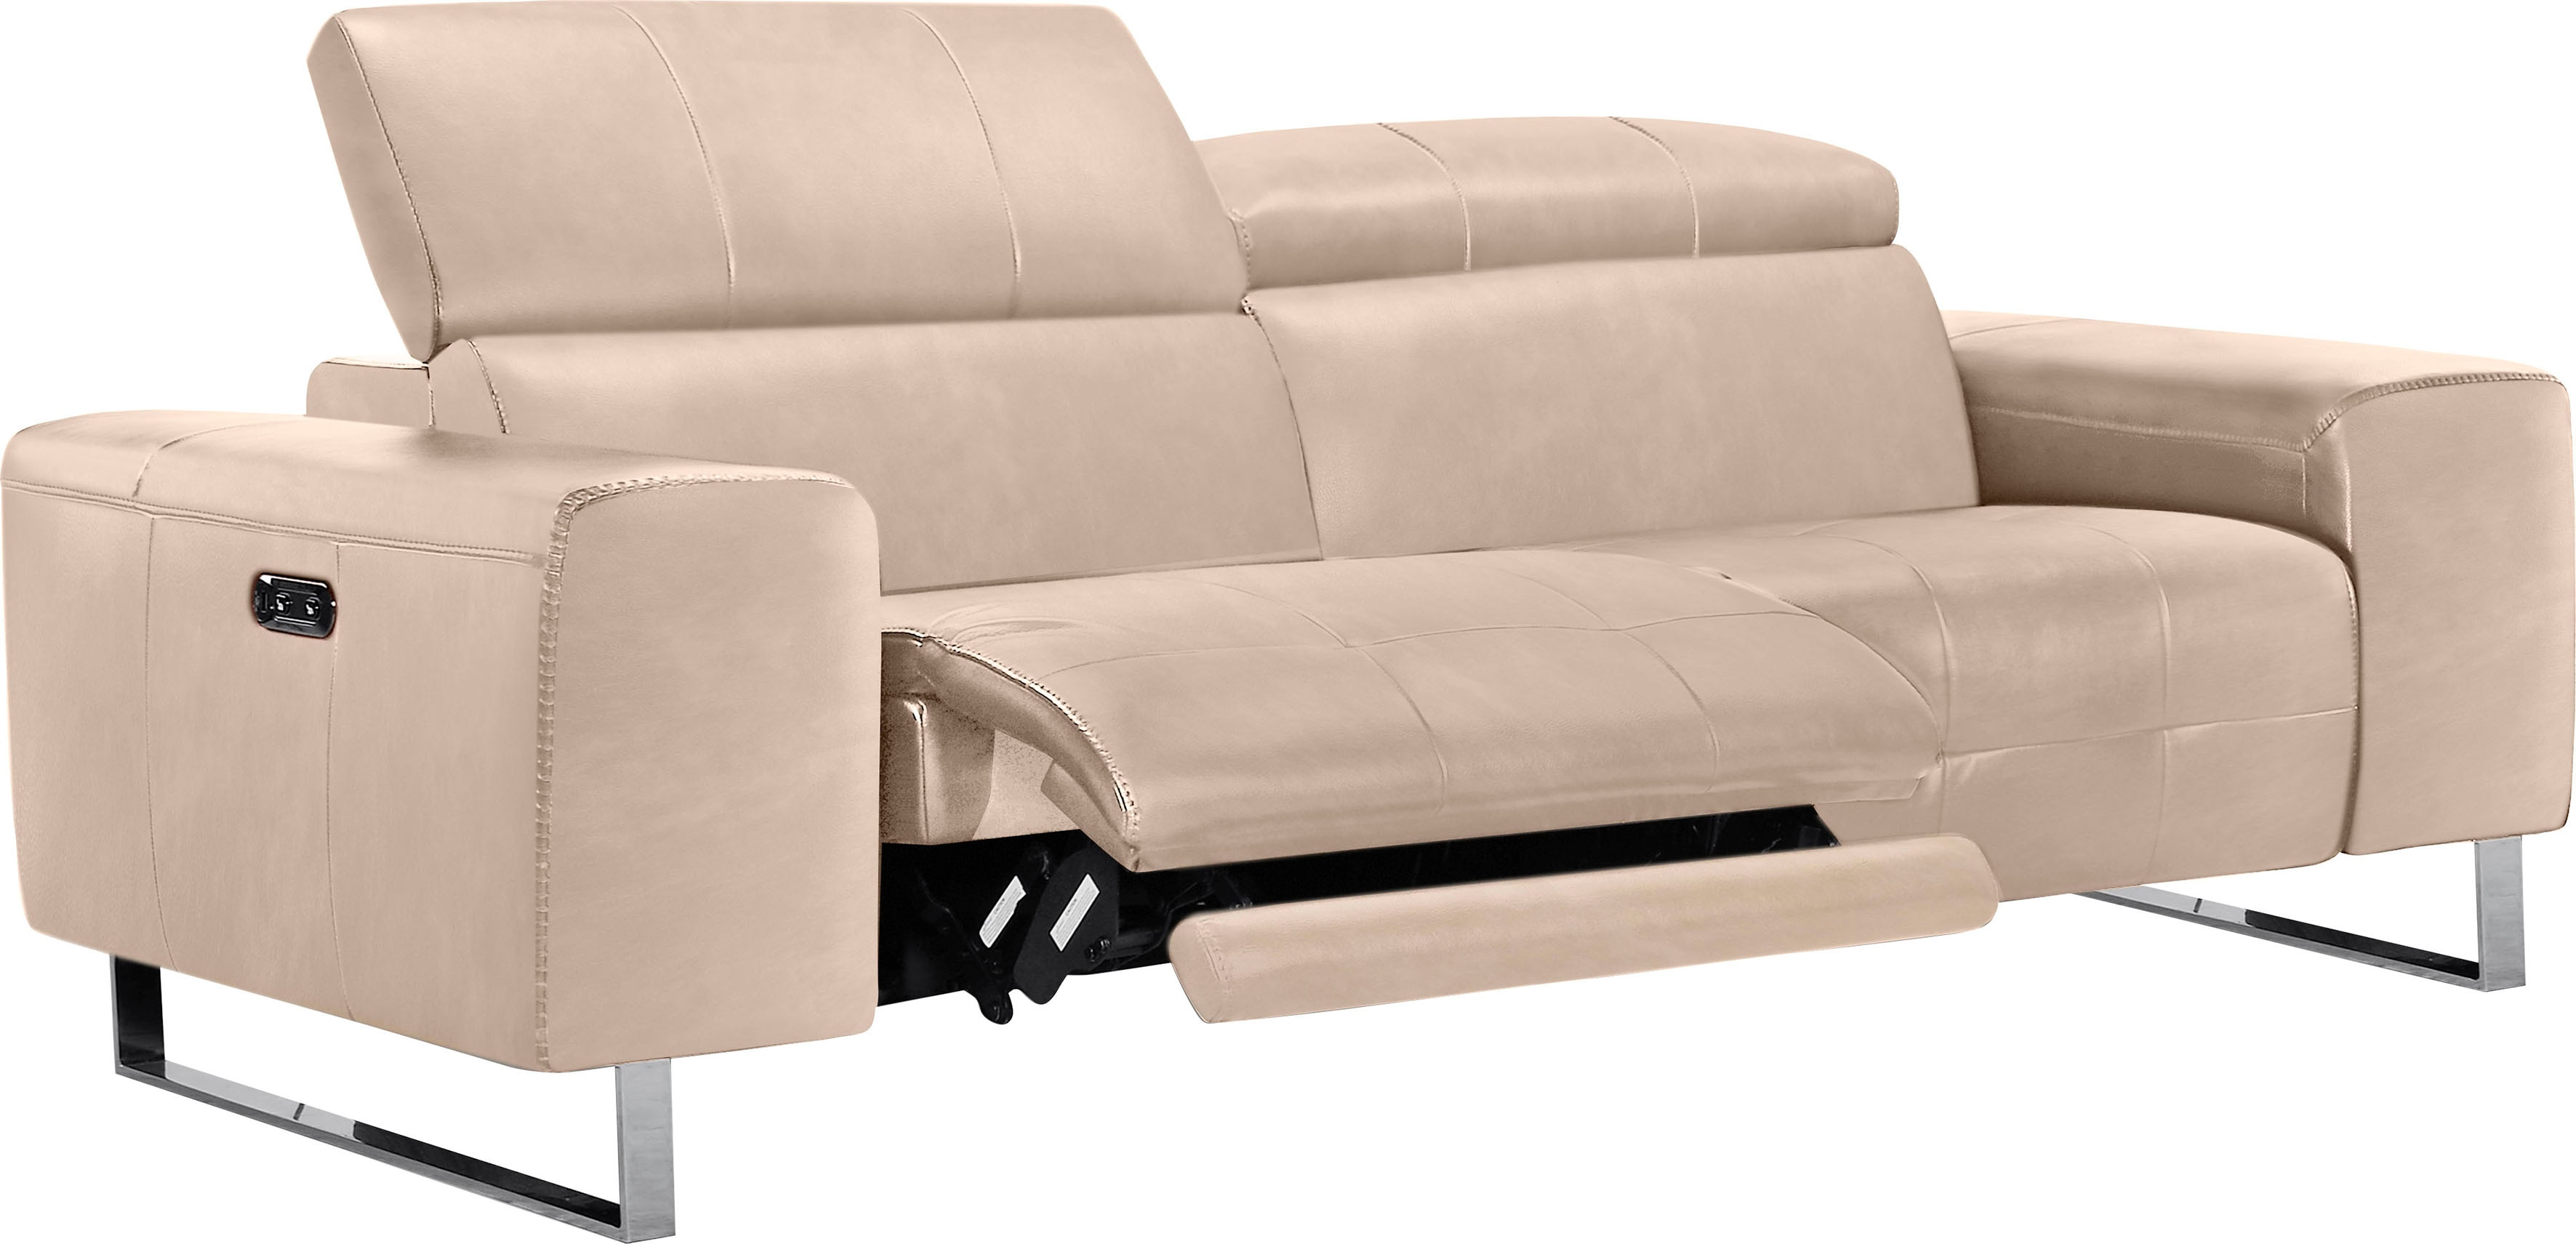 25-Sitzer